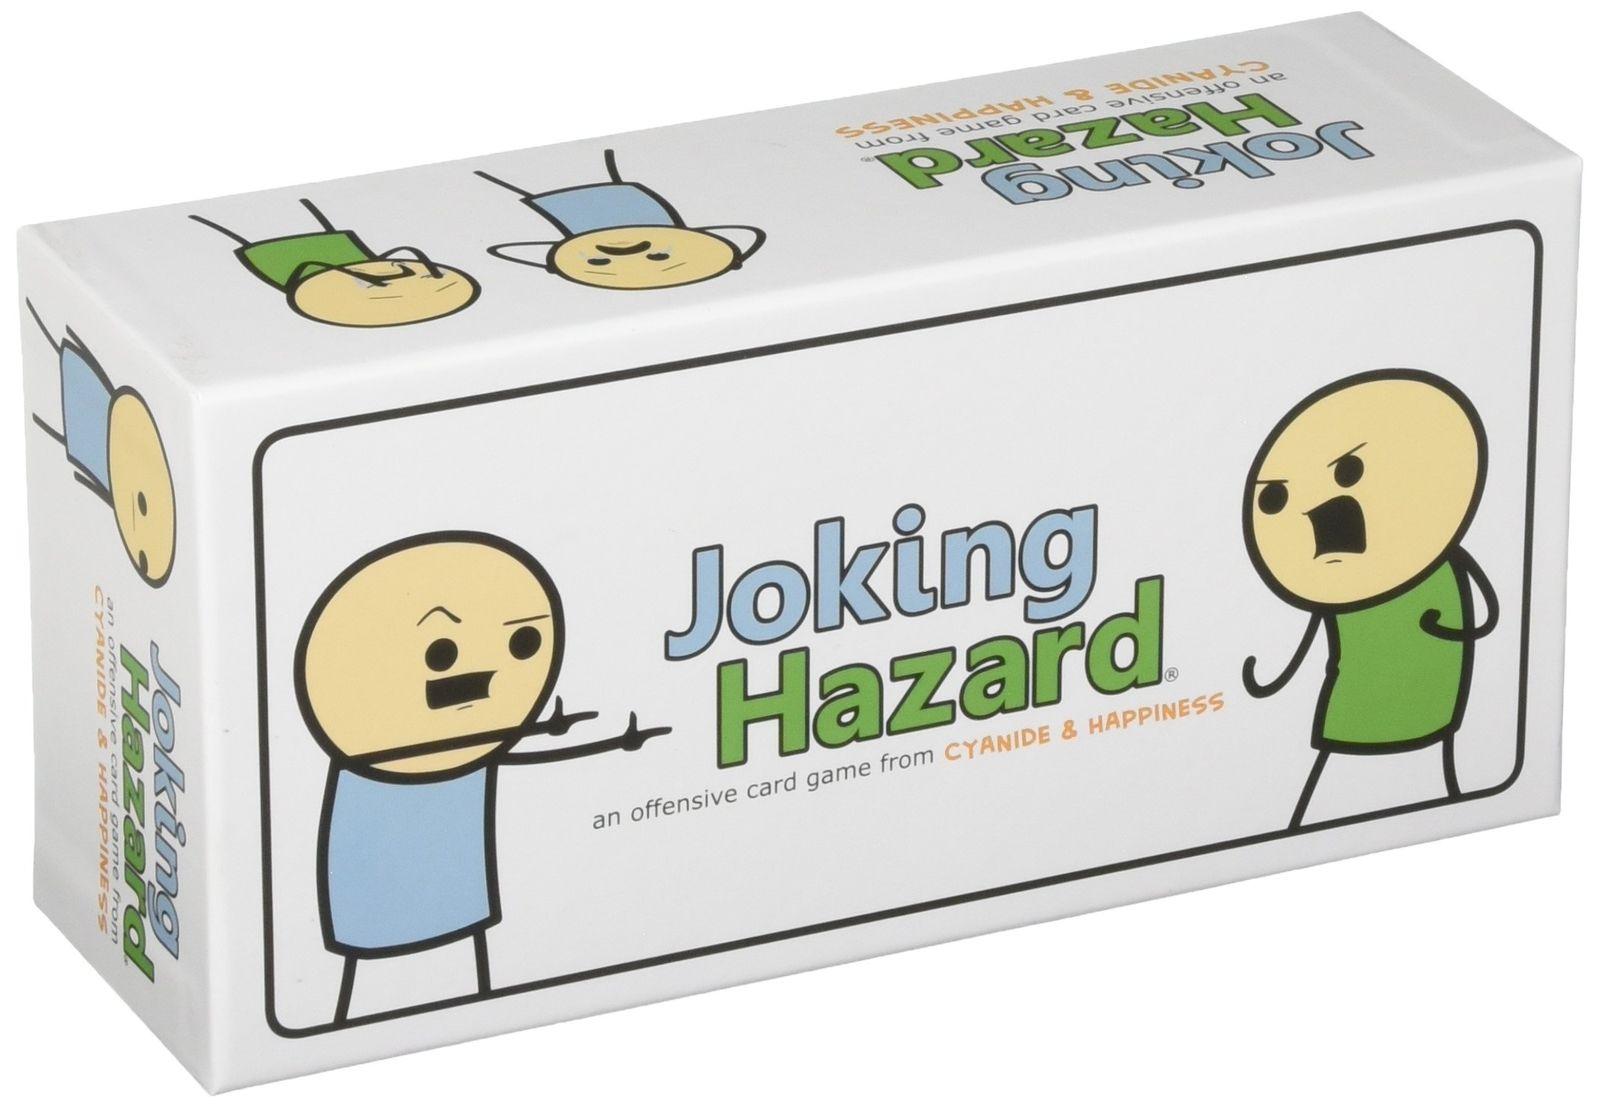 Jocking Hazard Juego de cartas